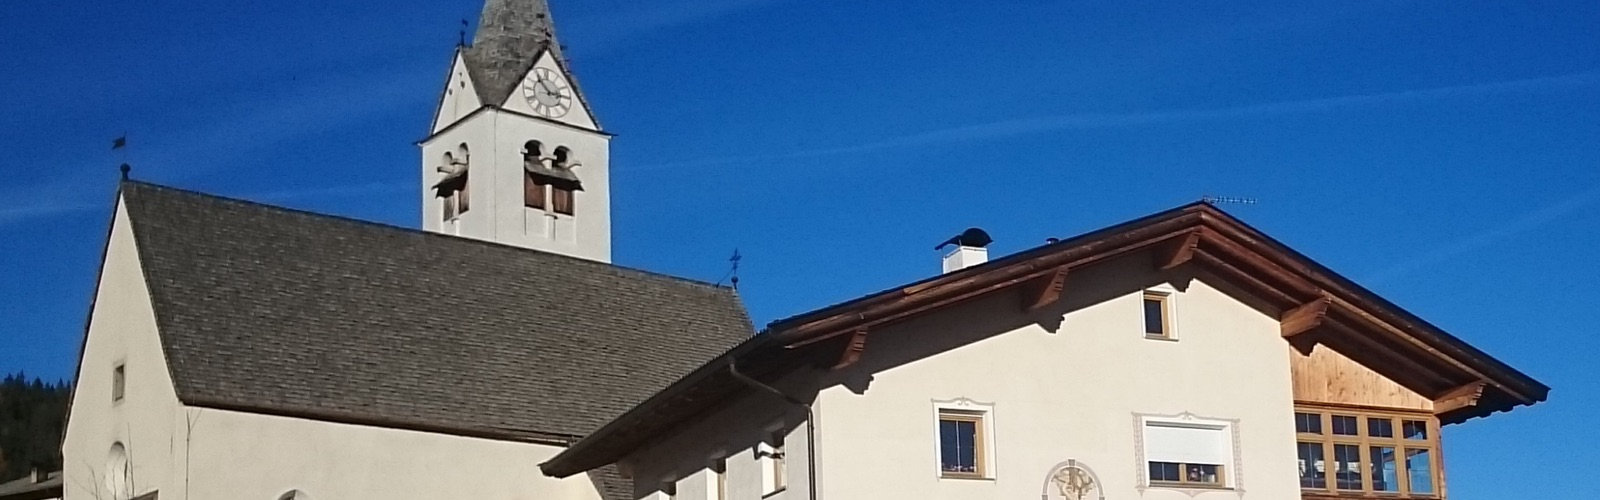 Chiesa Valas